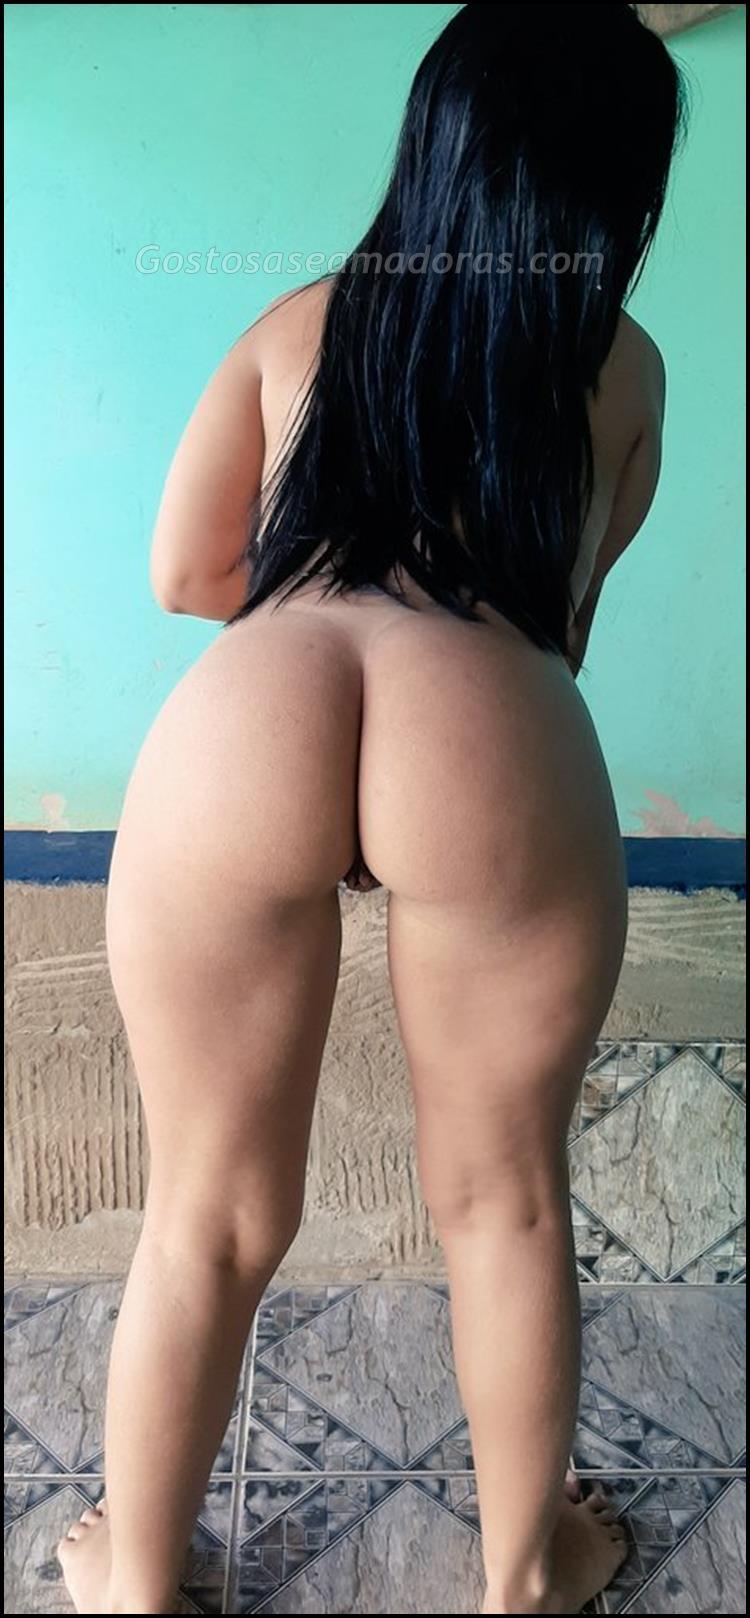 Magrinha-da-bunda-grande-fotos-peladas-5